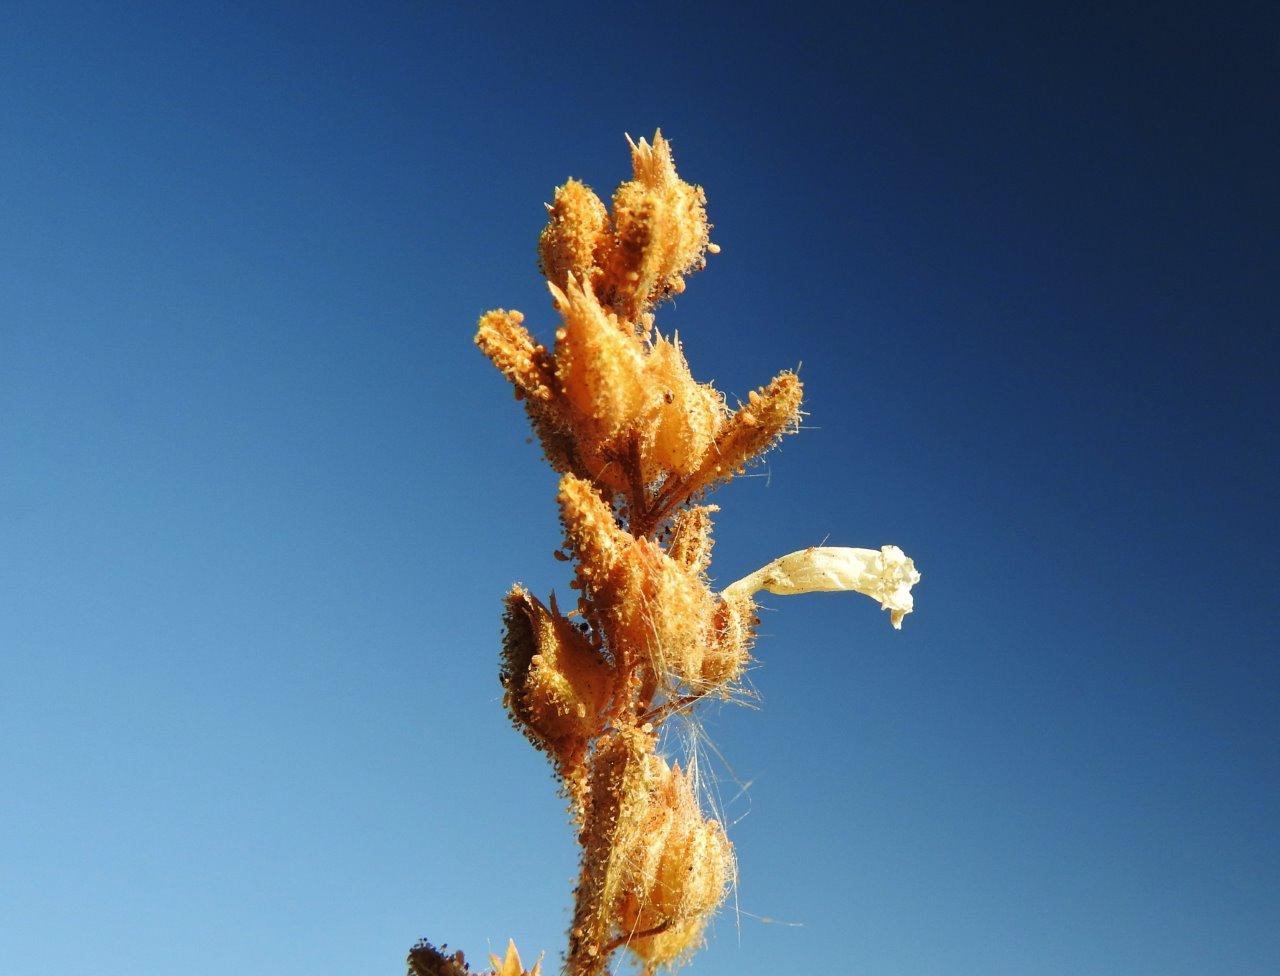 """חדשות בוטניות: אנטיכריס בלוטי, צמח סודני """"אדום"""" – התגלה מחדש בהר-צפחות בהרי אילת"""